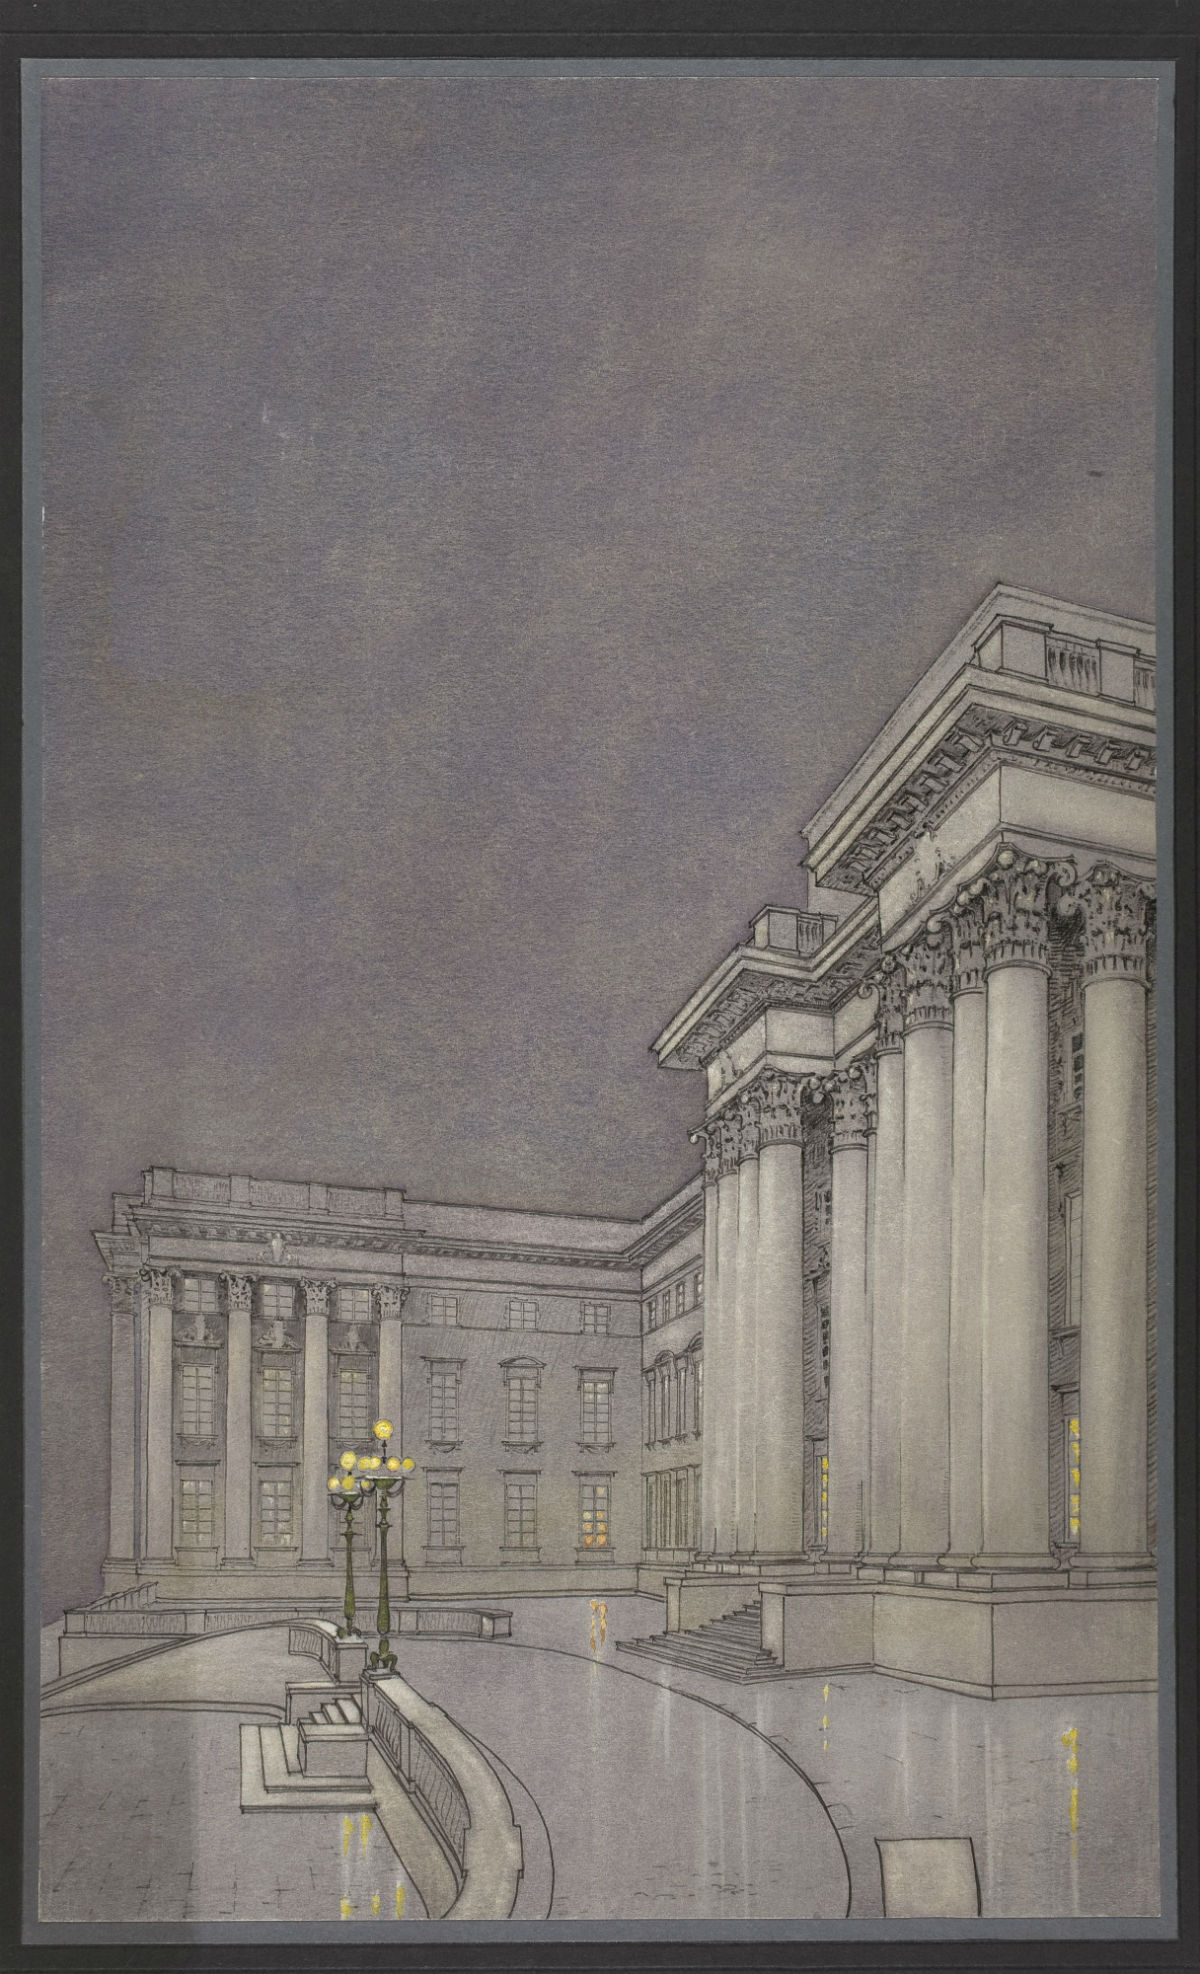 LXXXIV Konkurs ogłoszony przezKoło Architektów nabudowę gmachu dla Muzeum Narodowego wWarszawie. Praca nr7. Wejście główne domuzeum woświetleniu nocnym, 1924, proj. Jan Bagieński (1883–1967), tusz, kredka, gwasz, papier natekturze, 52,5 × 31,9 cm (tektura 63,1 × 42,1 cm)